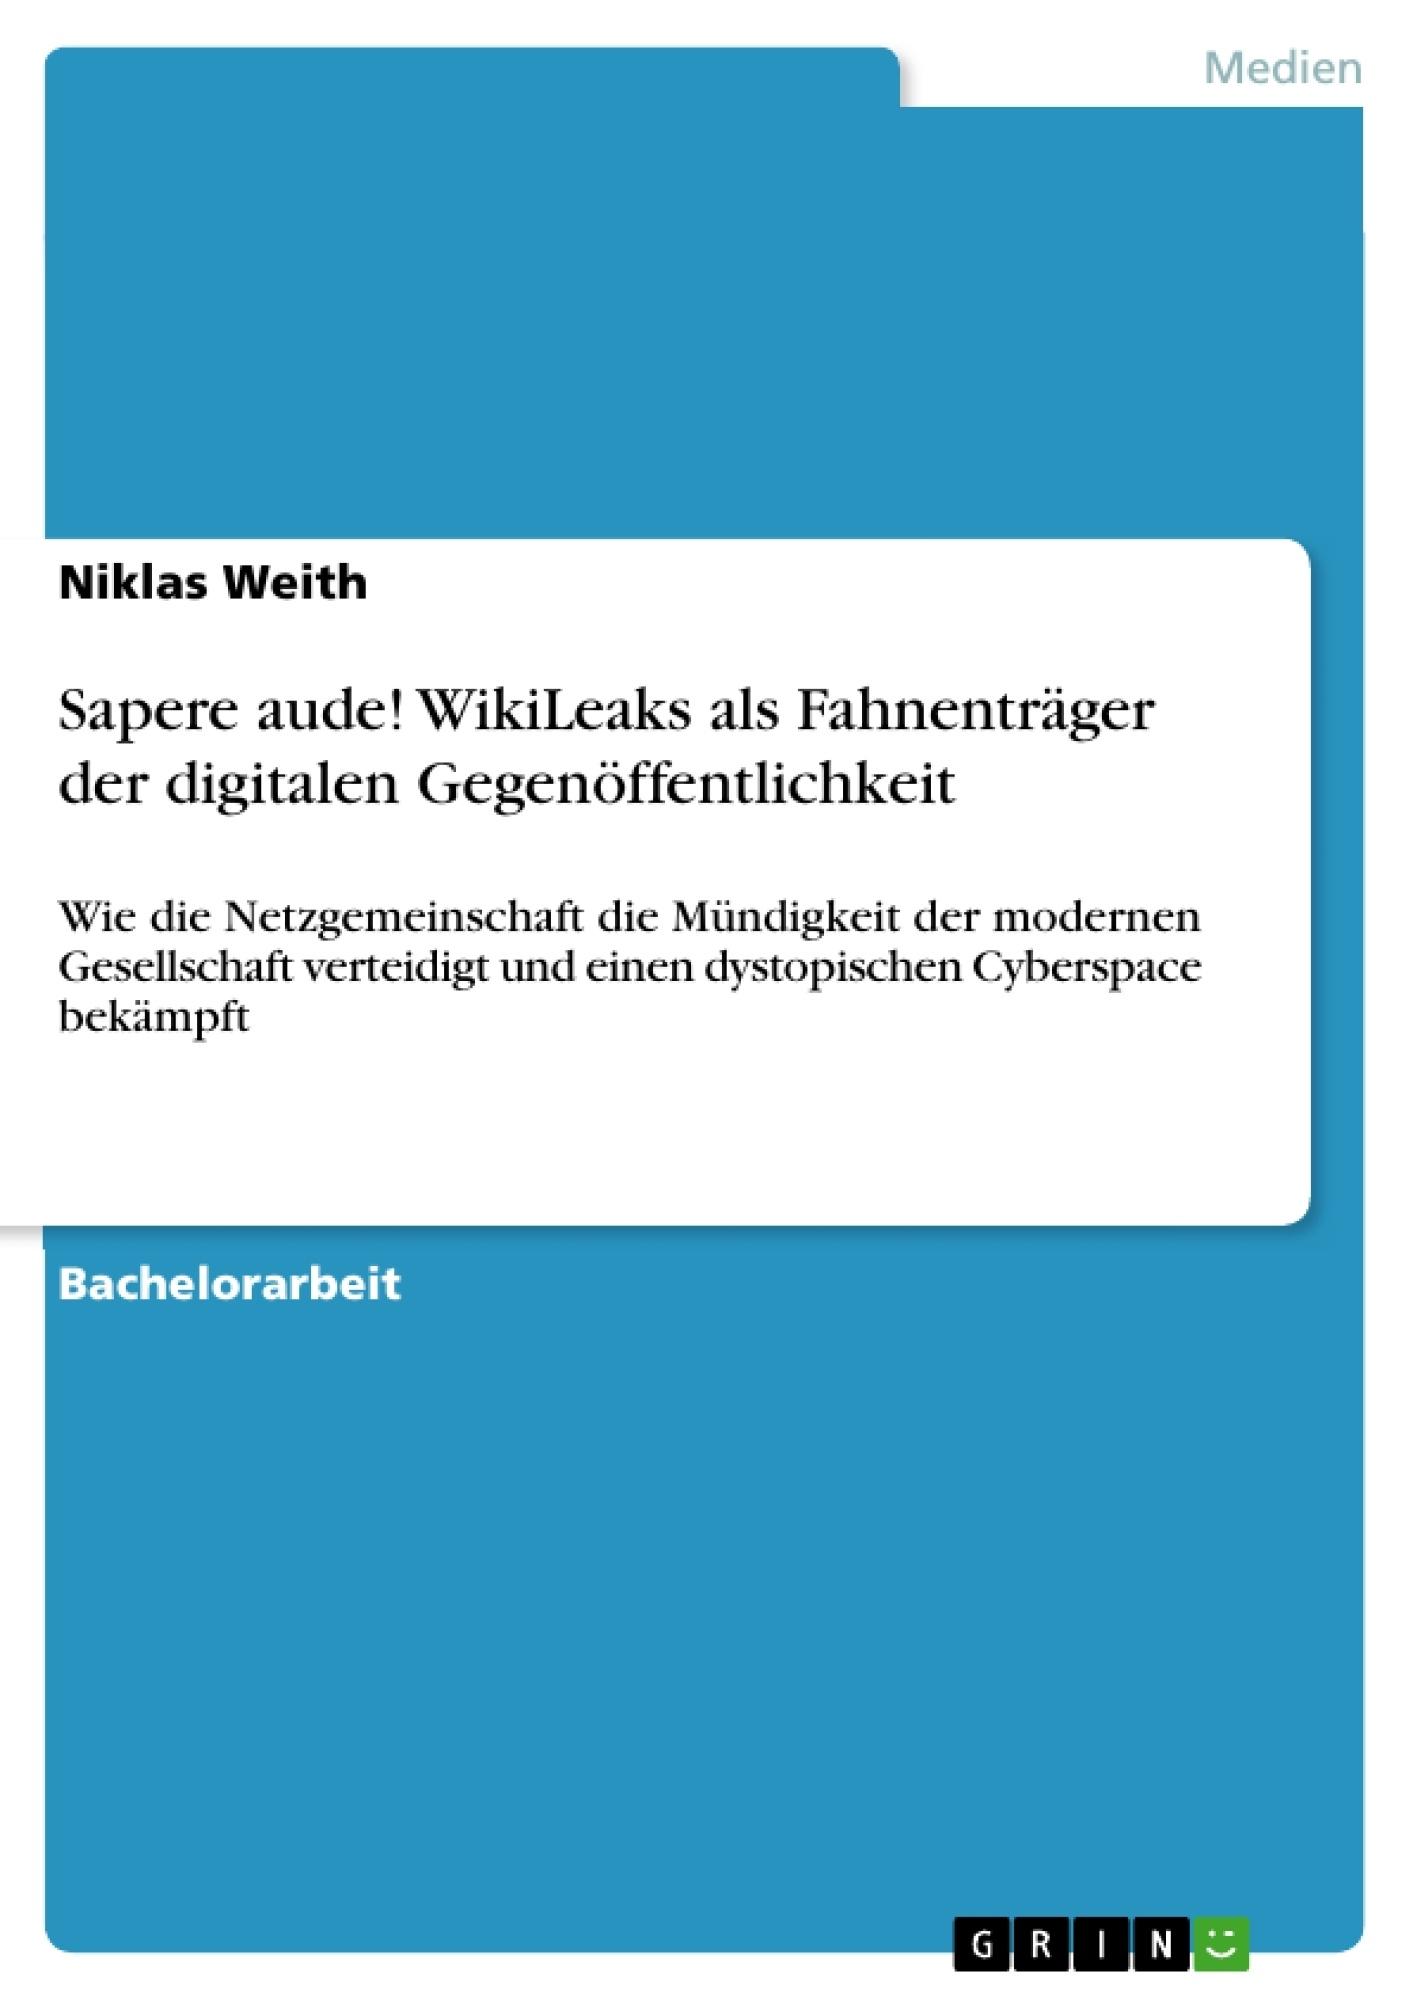 Titel: Sapere aude! WikiLeaks als Fahnenträger der digitalen Gegenöffentlichkeit